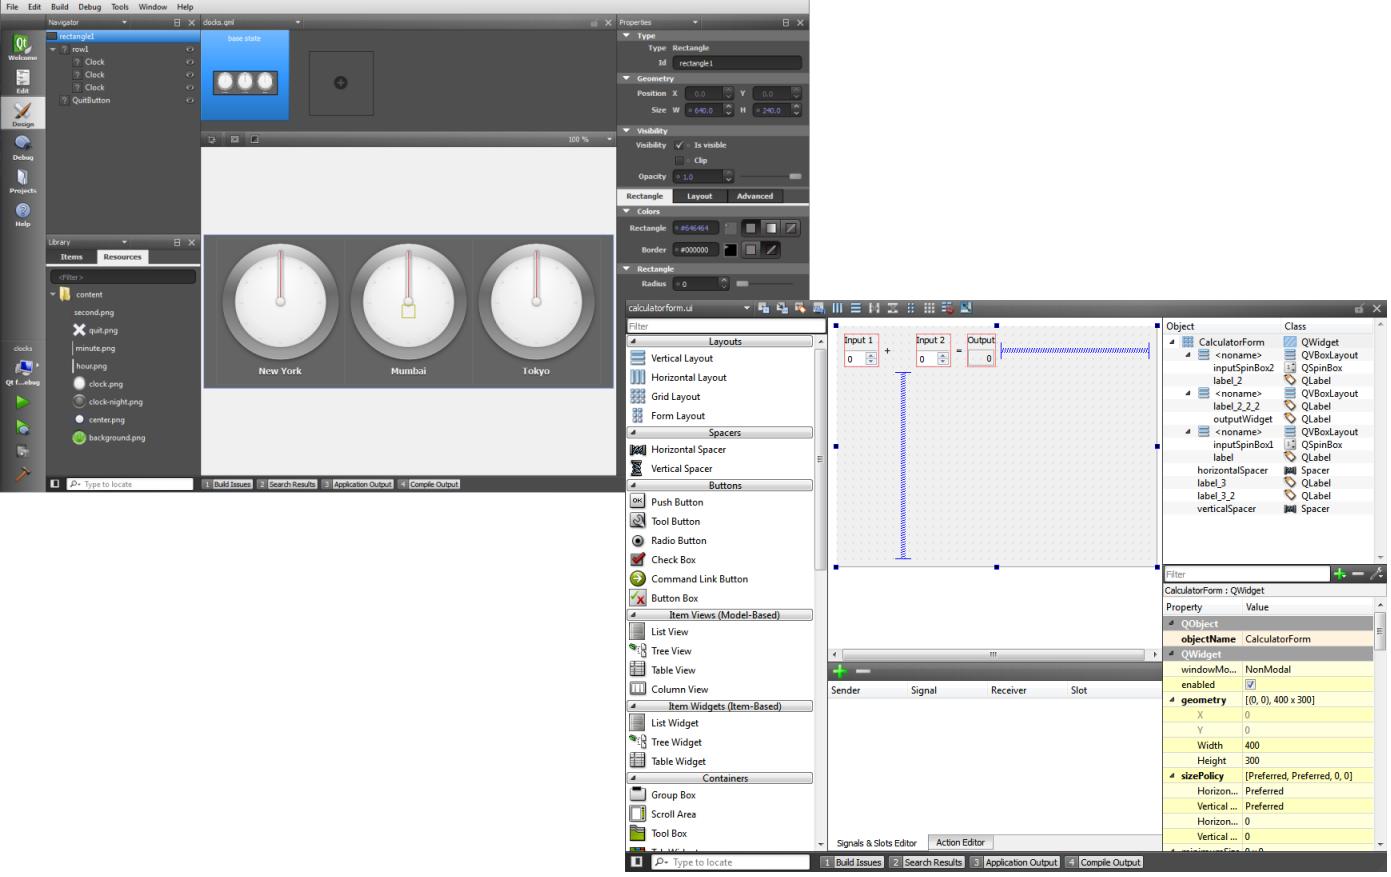 doc/images/qtcreator-ui-designers.png